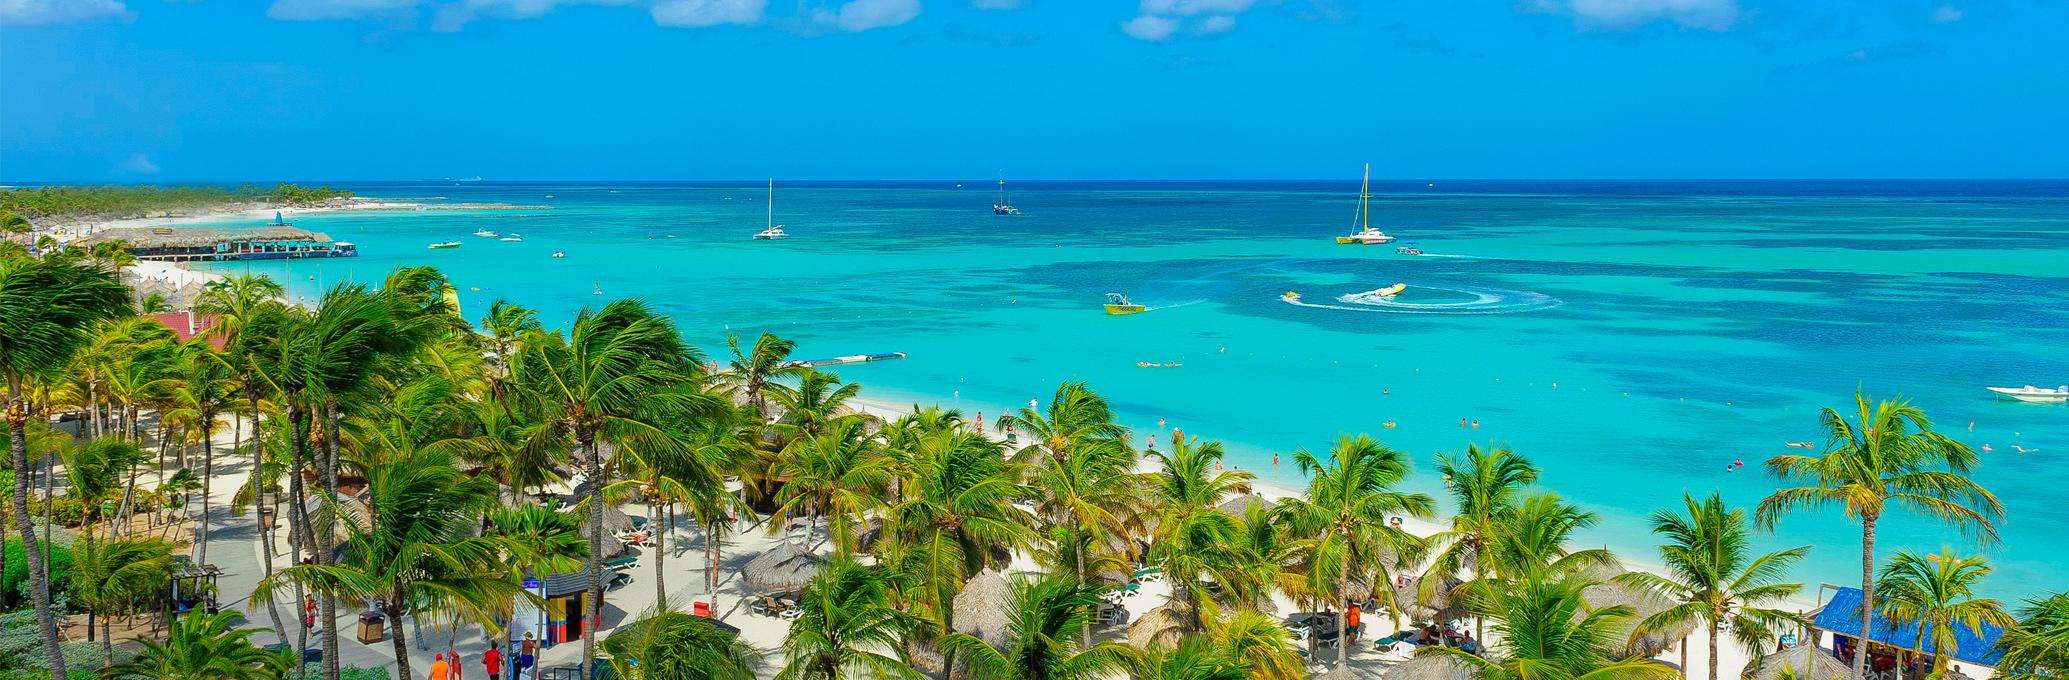 Barceló Aruba: hoteles y mejores playas